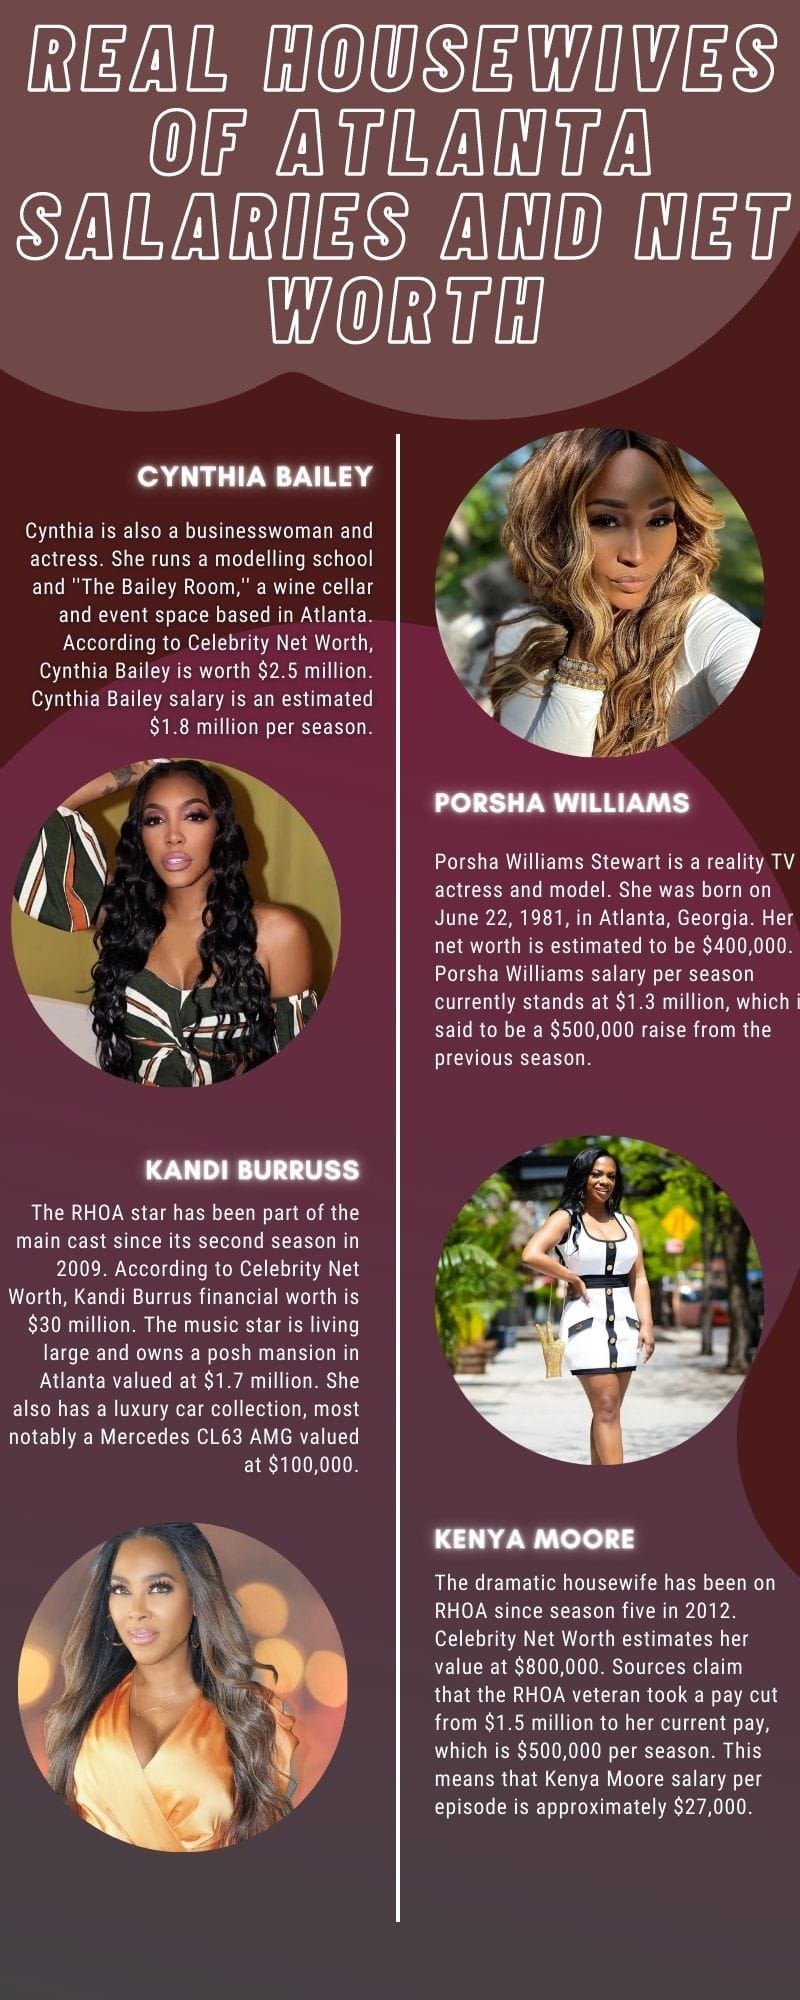 Real Housewives of Atlanta salaries